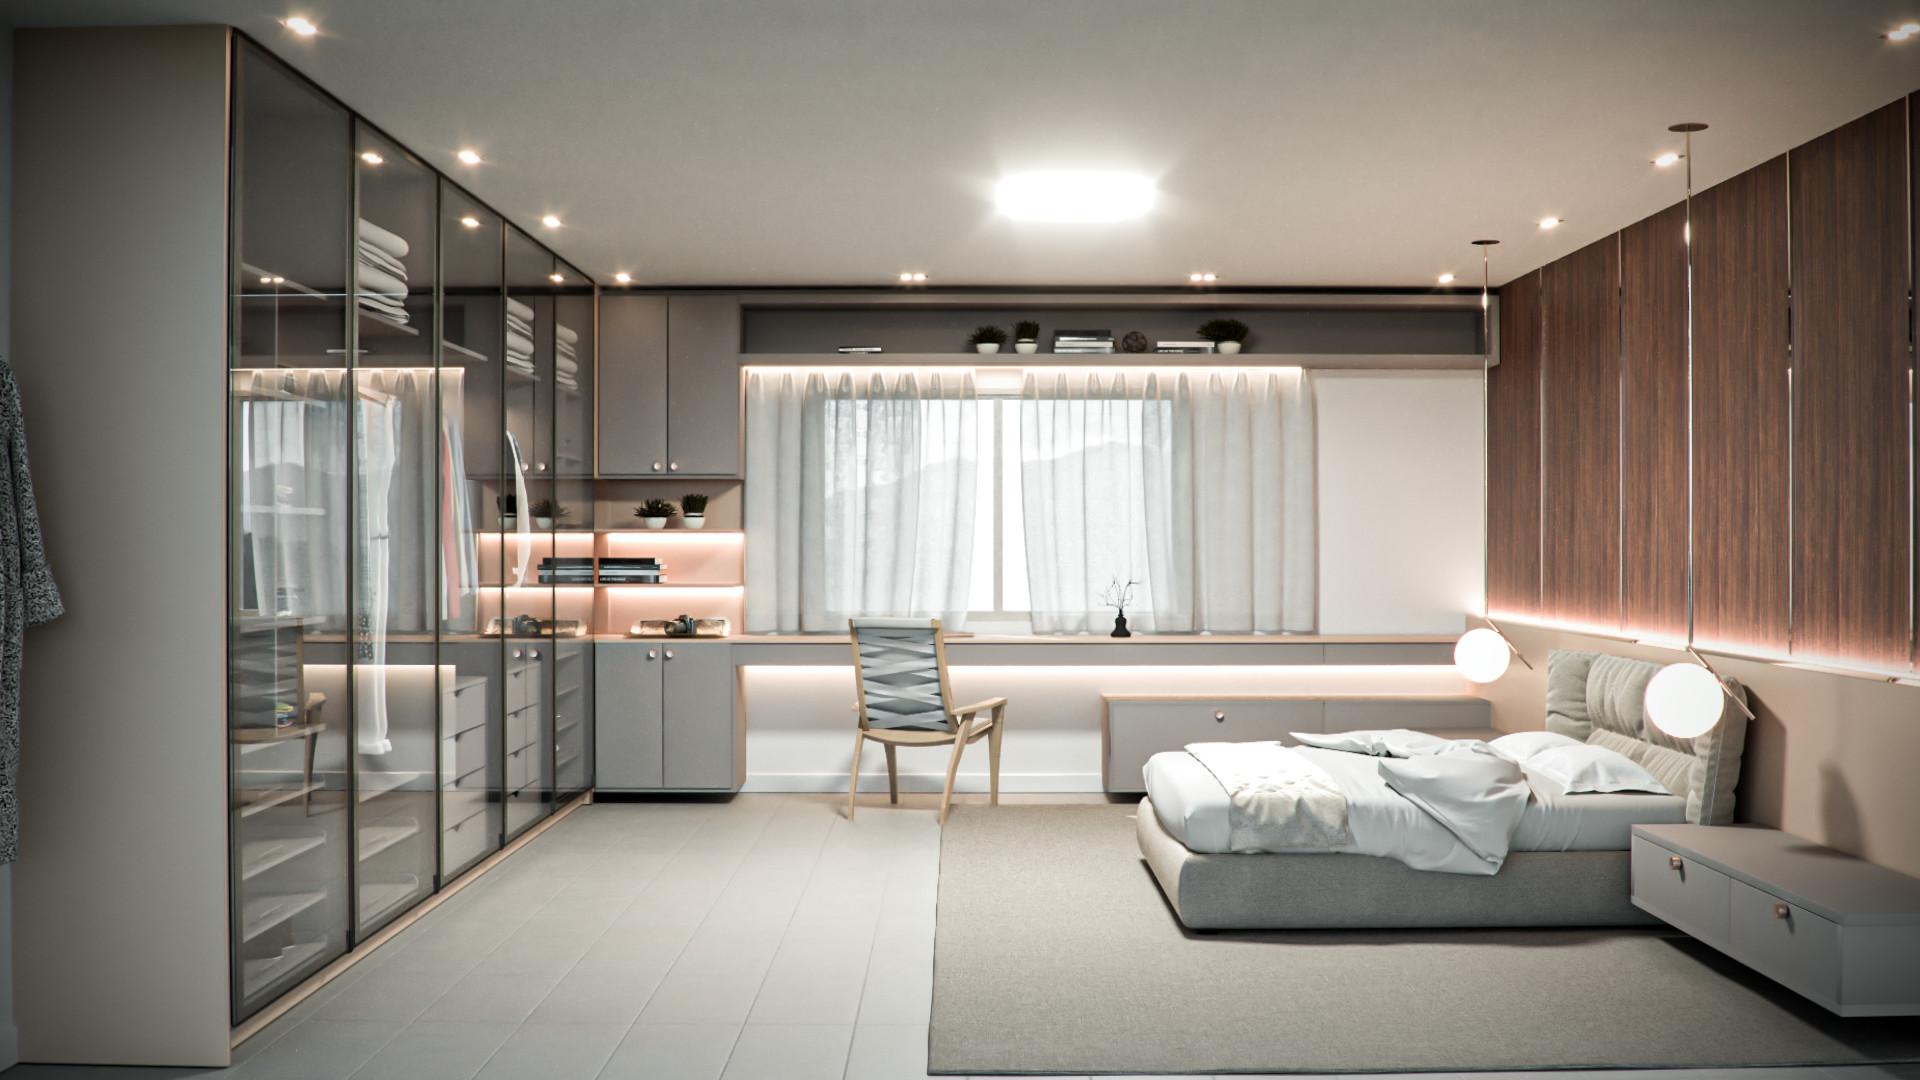 dormitorio casal minimalisma com closet origens 2022